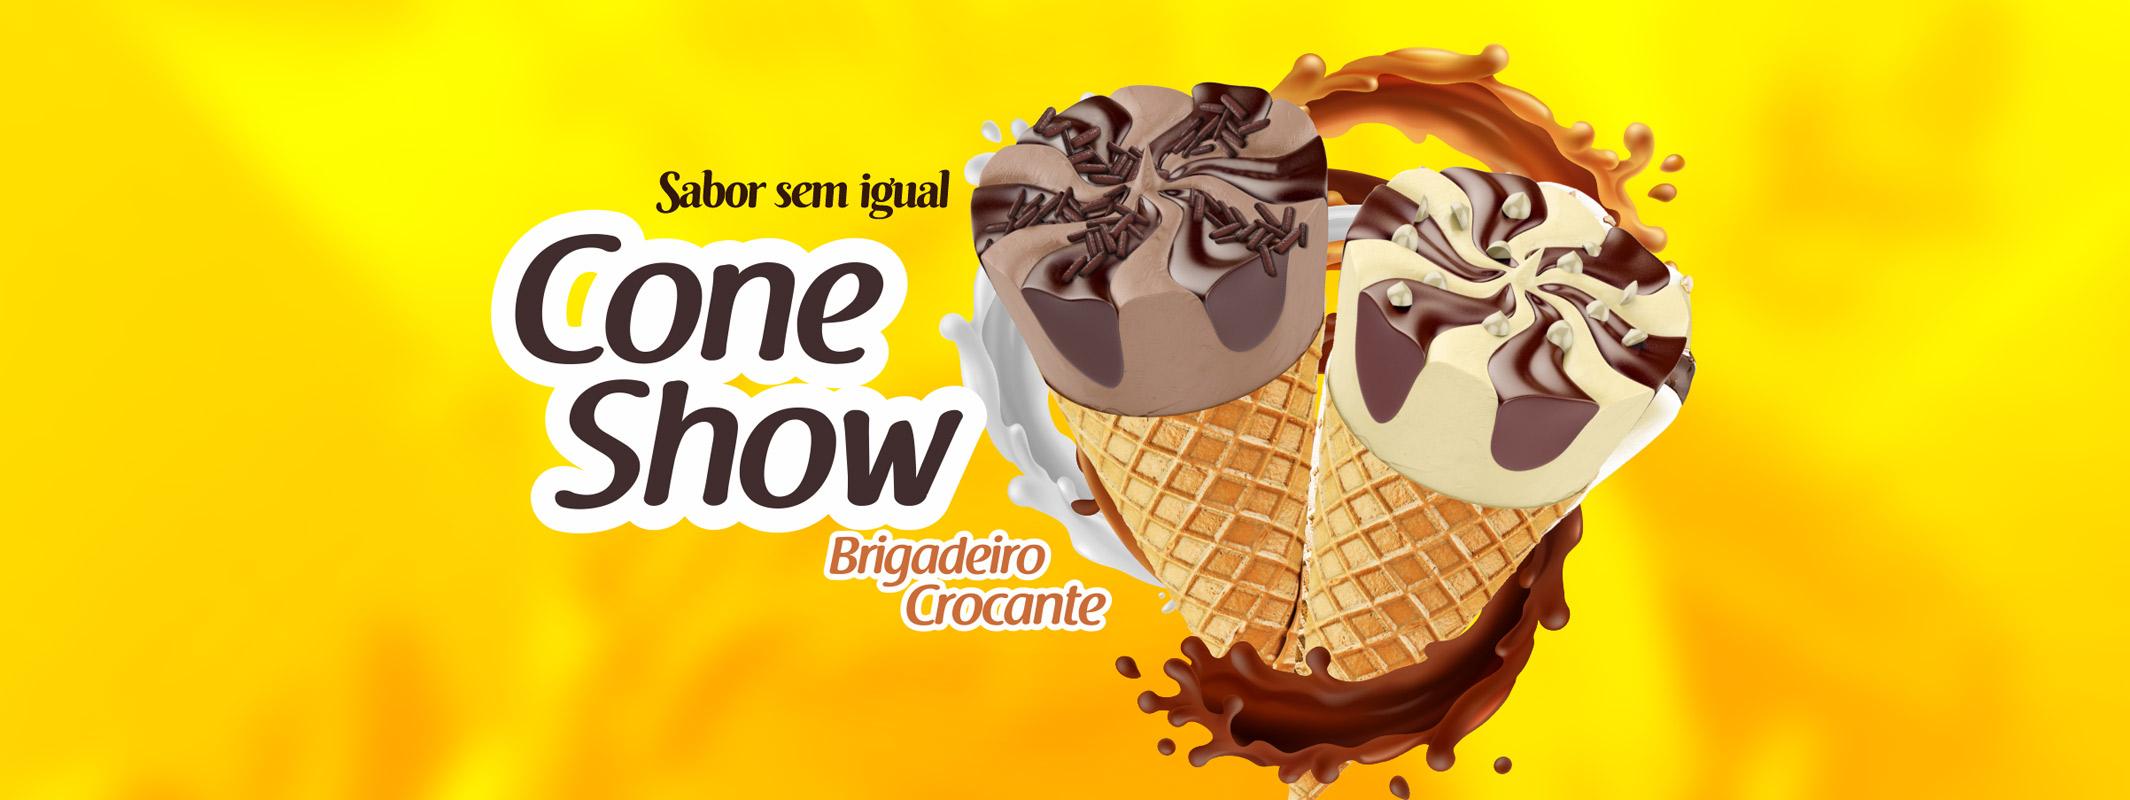 cone-show-mareni